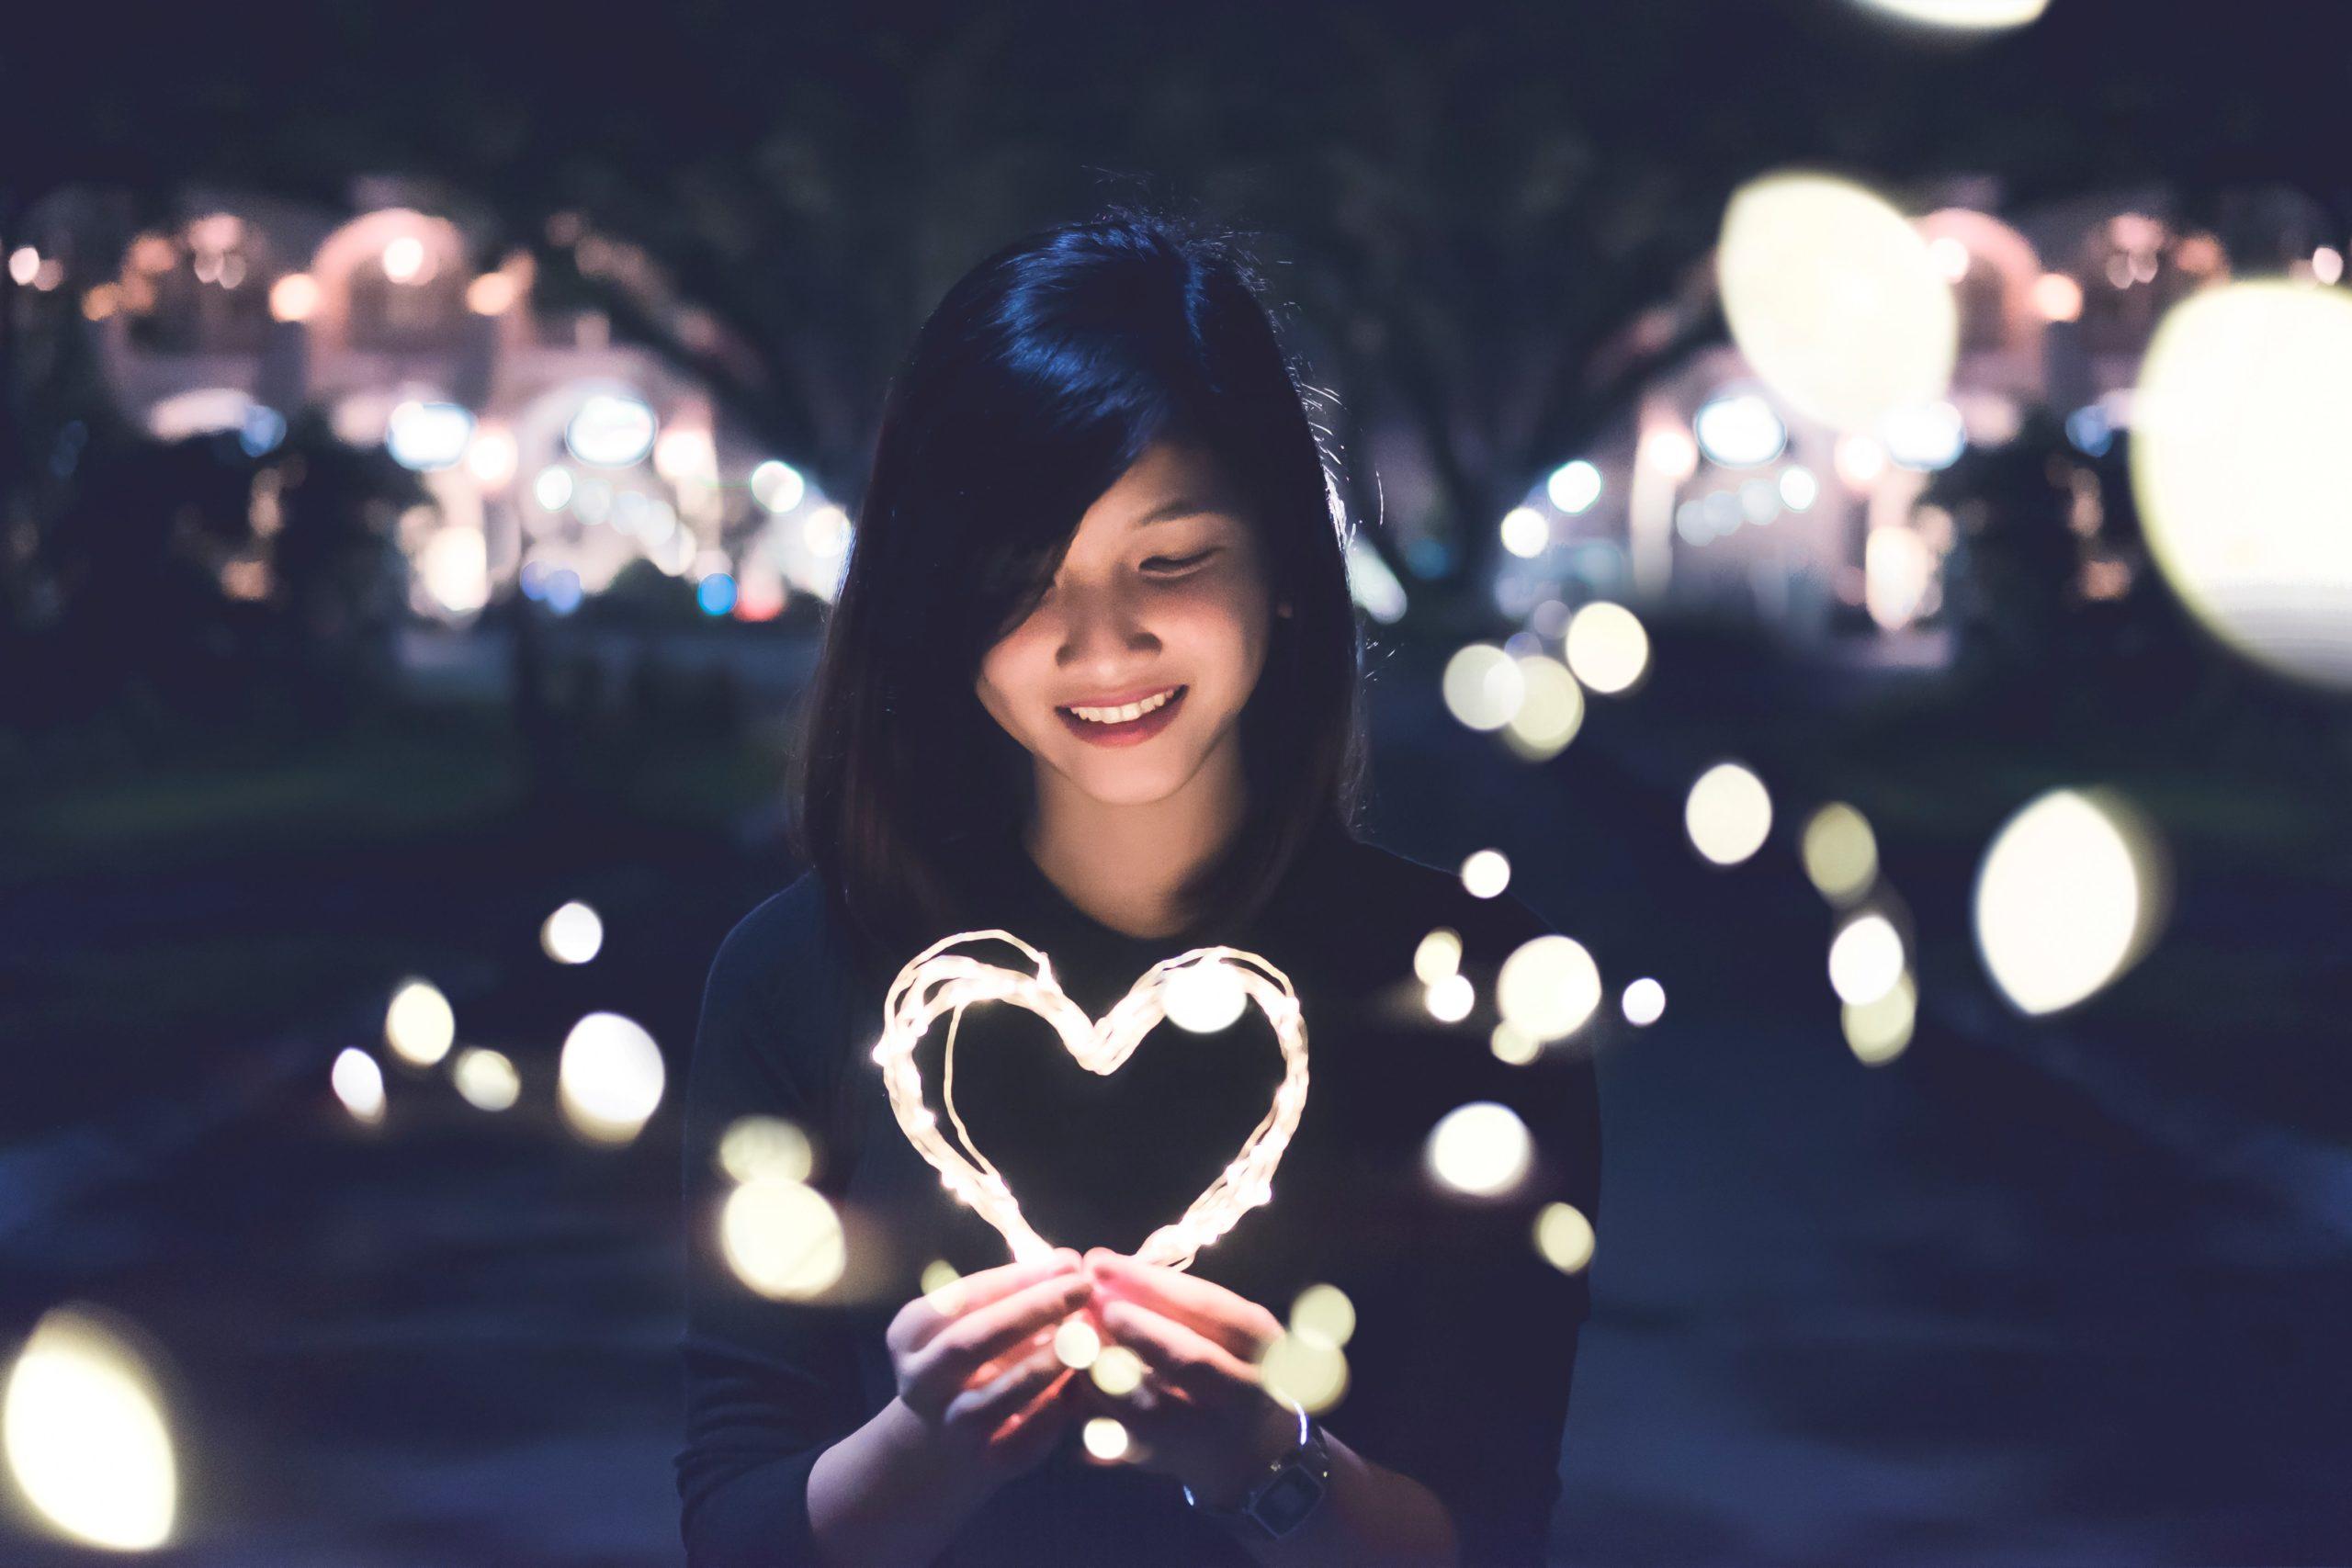 Femeie cu o inima de lumina in mana.